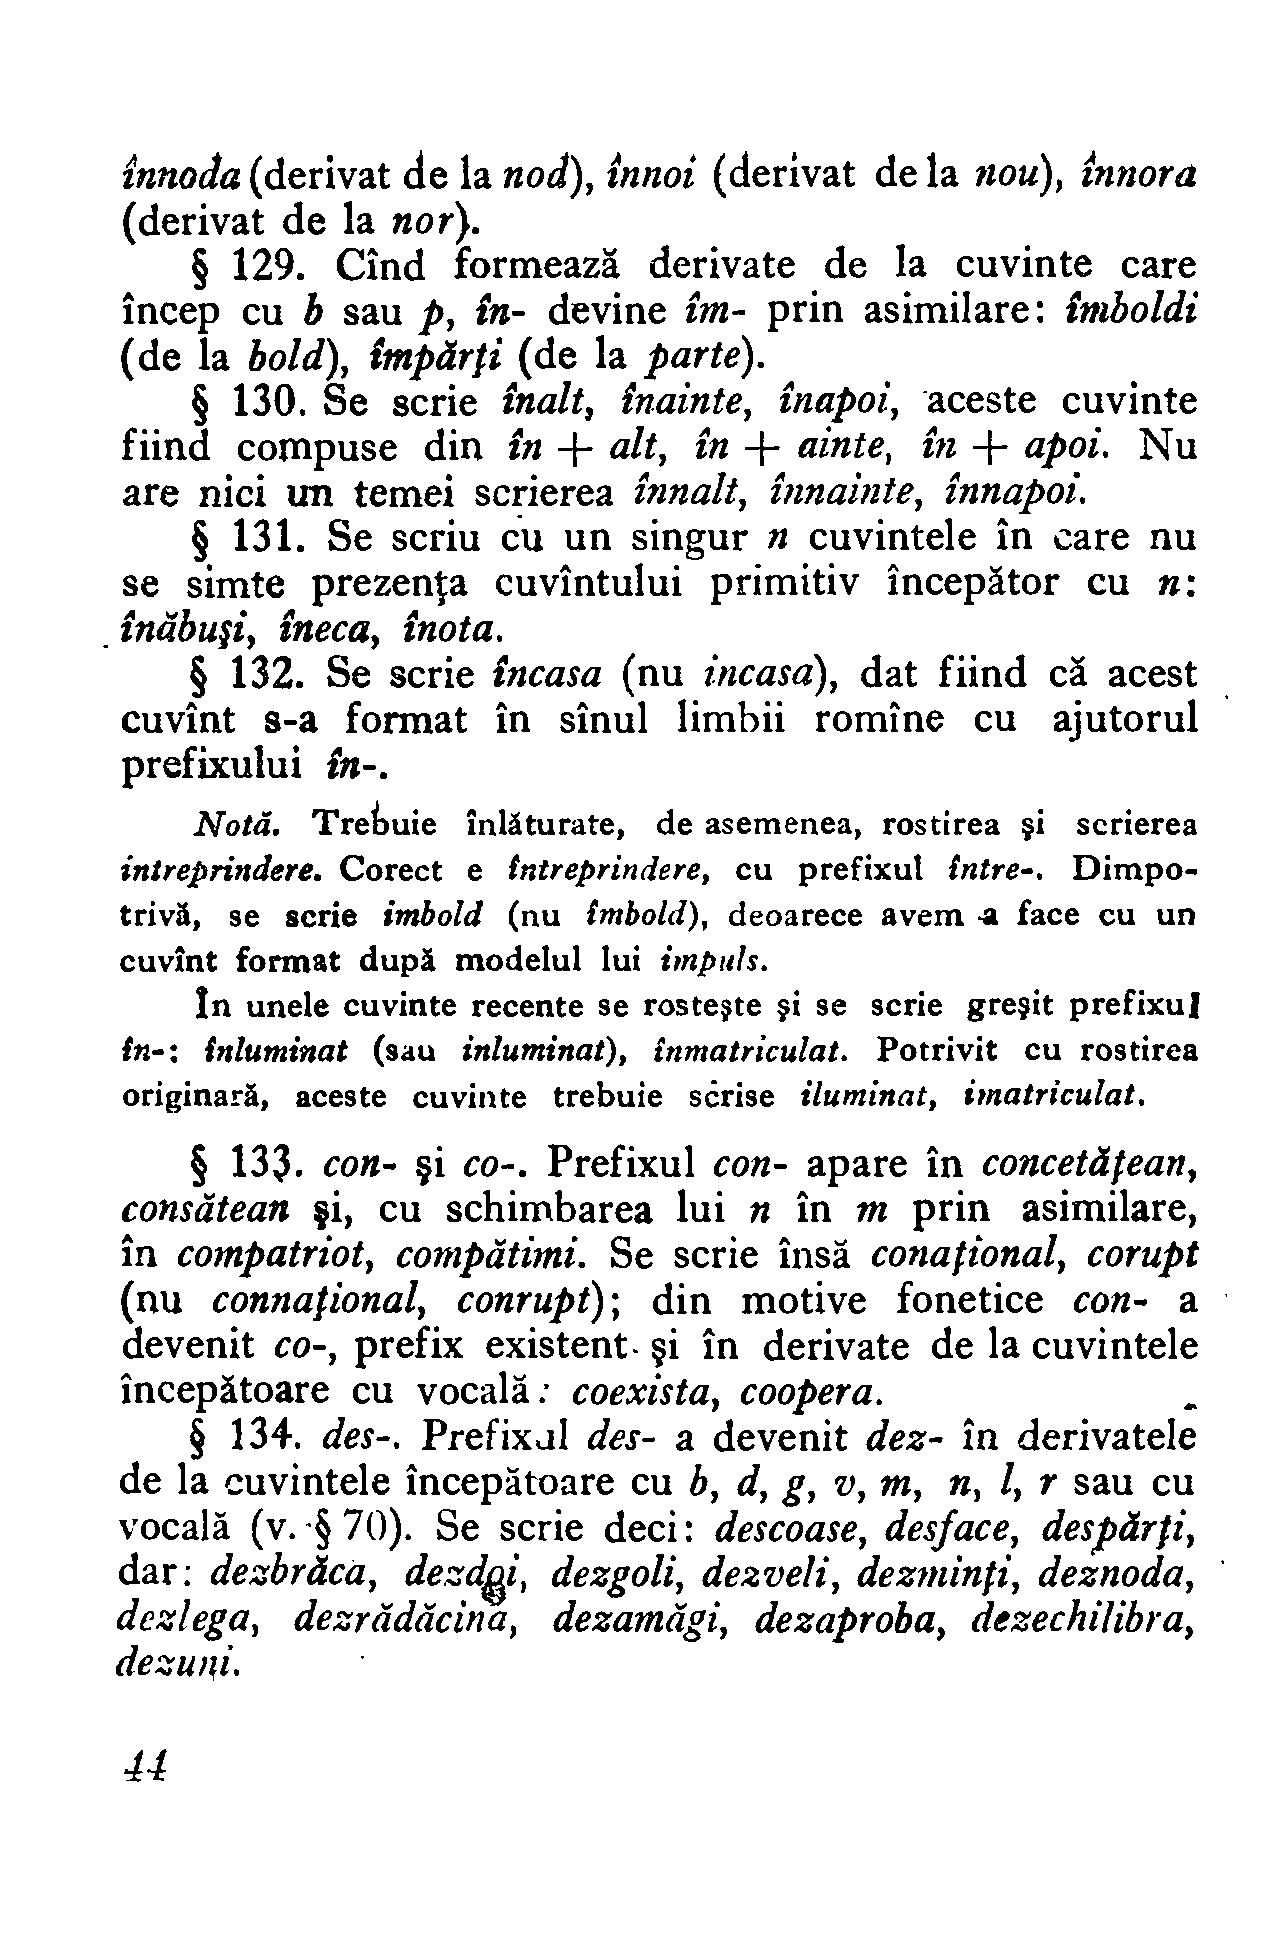 1954 - Mic dicționar ortografic (42).png